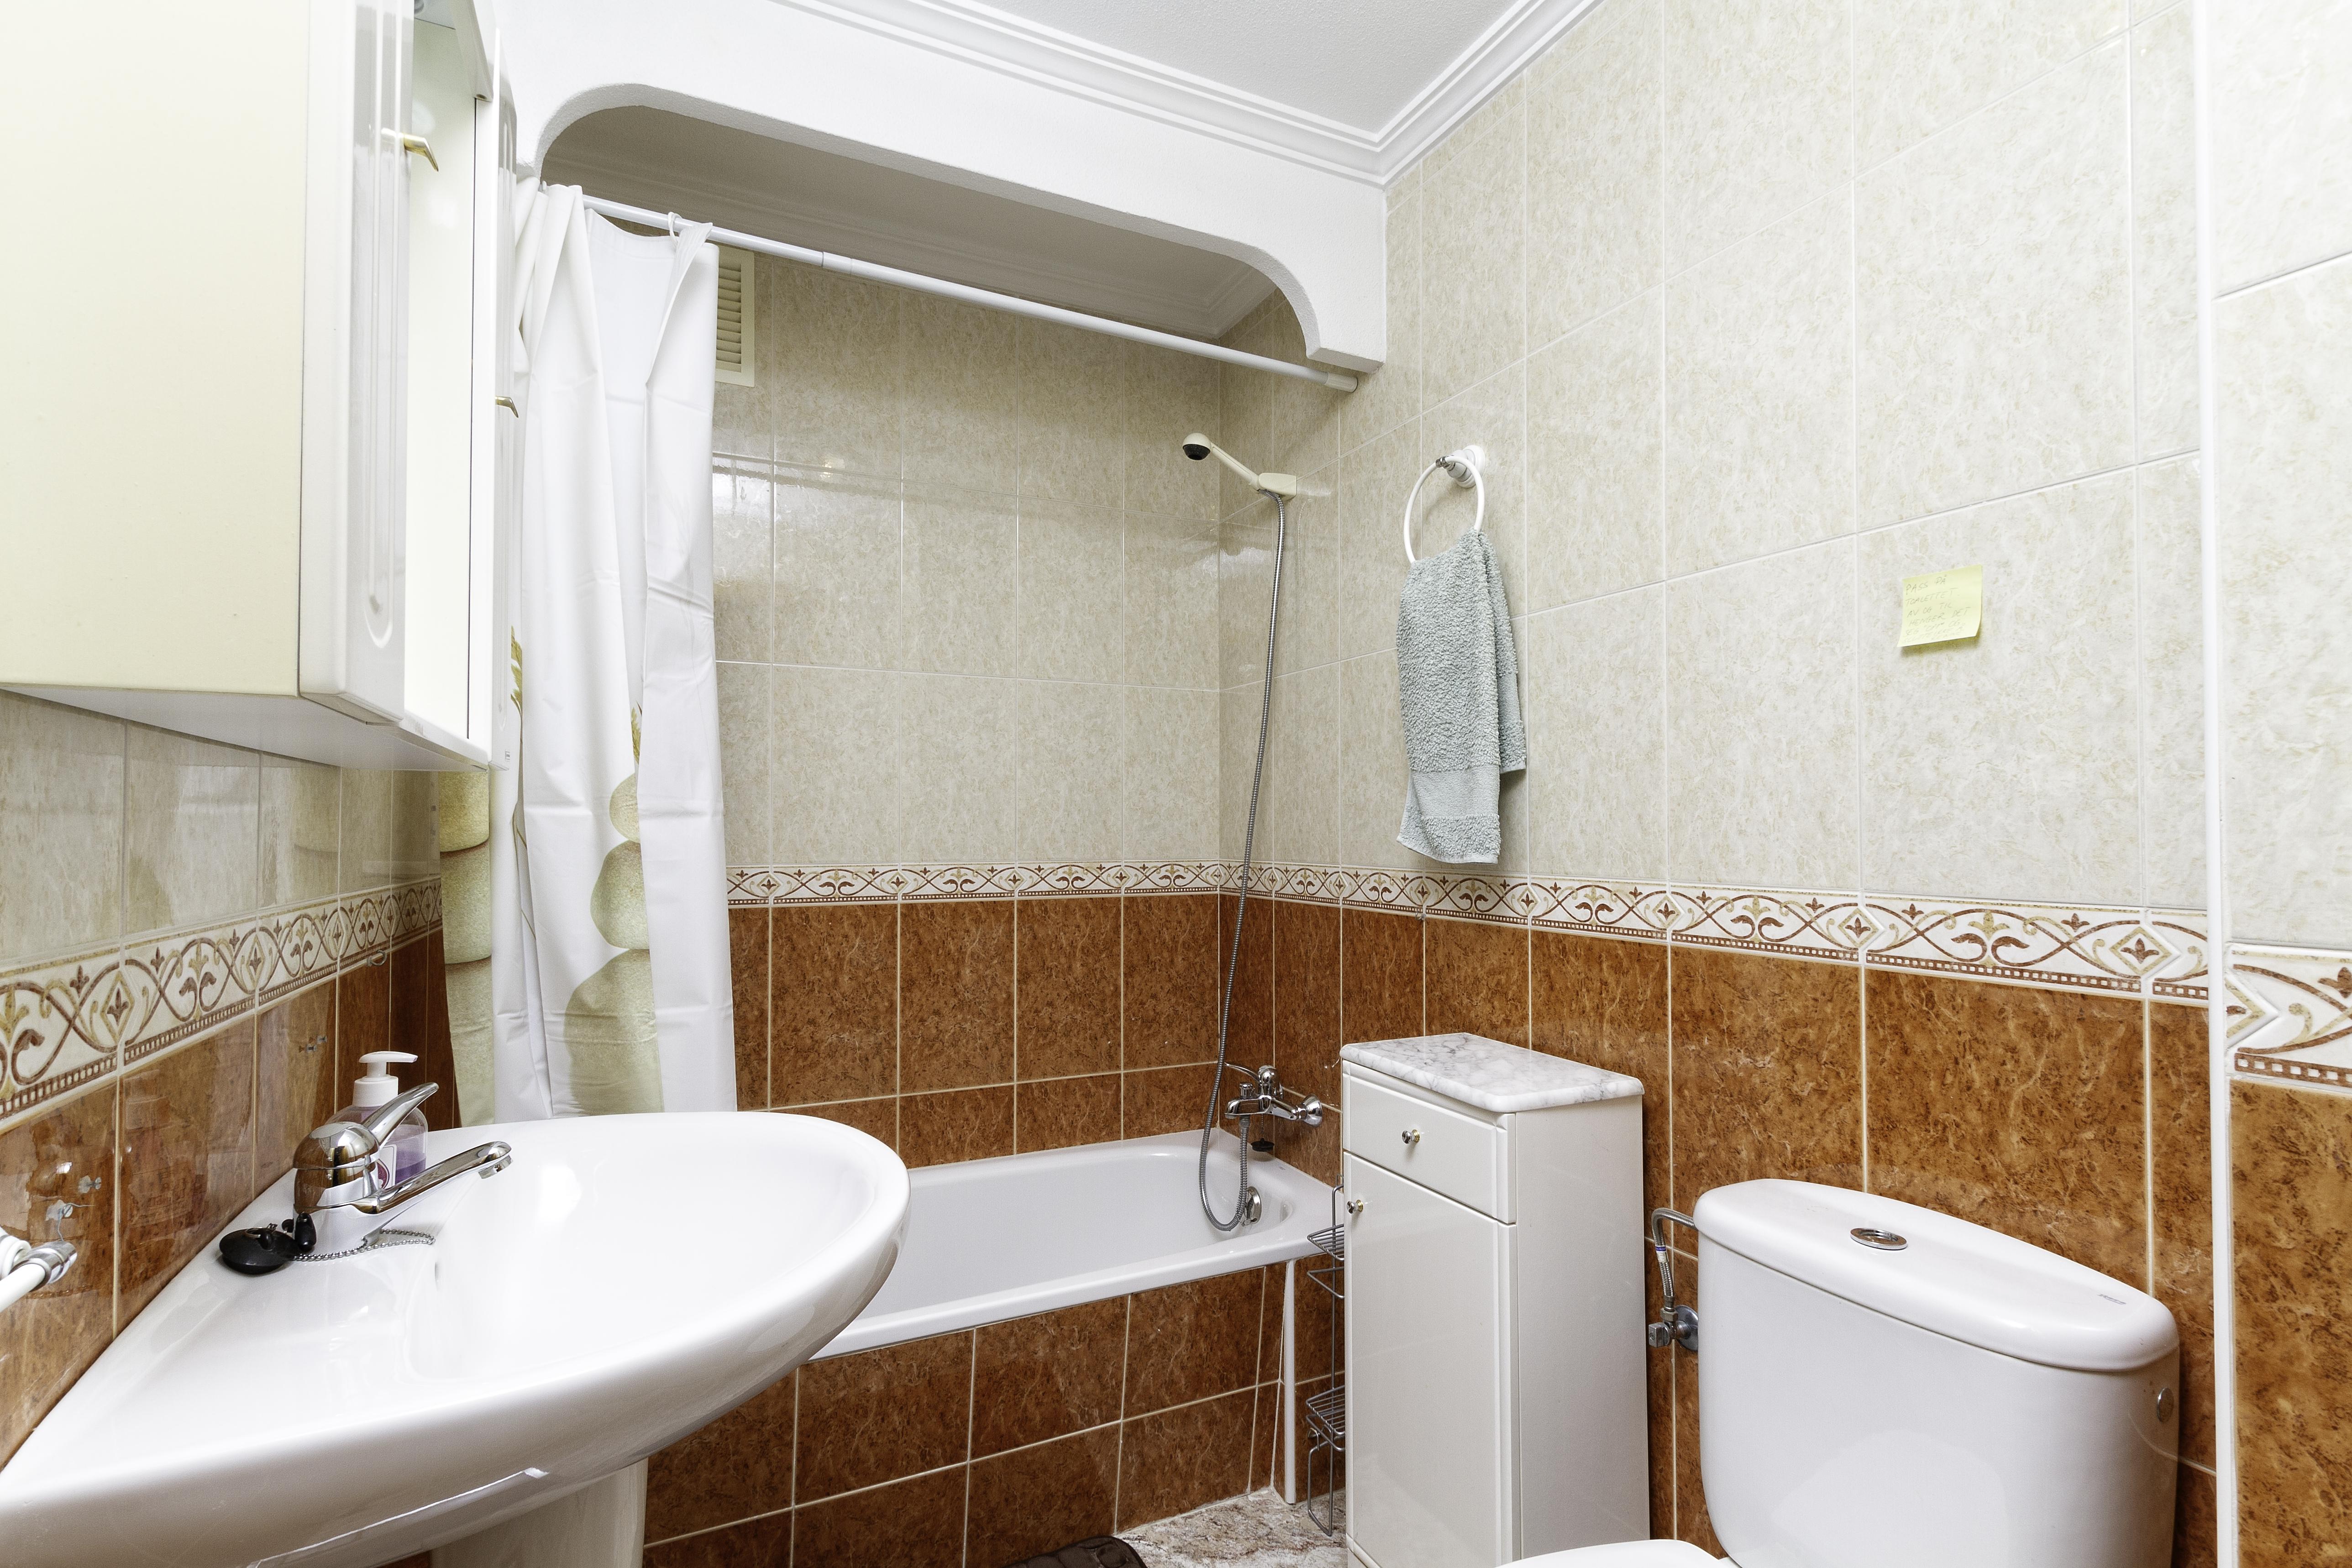 Appartement de vacances Geräumige Wohnung nur 500 Meter vom Strand entfernt (2611011), Torrevieja, Costa Blanca, Valence, Espagne, image 8